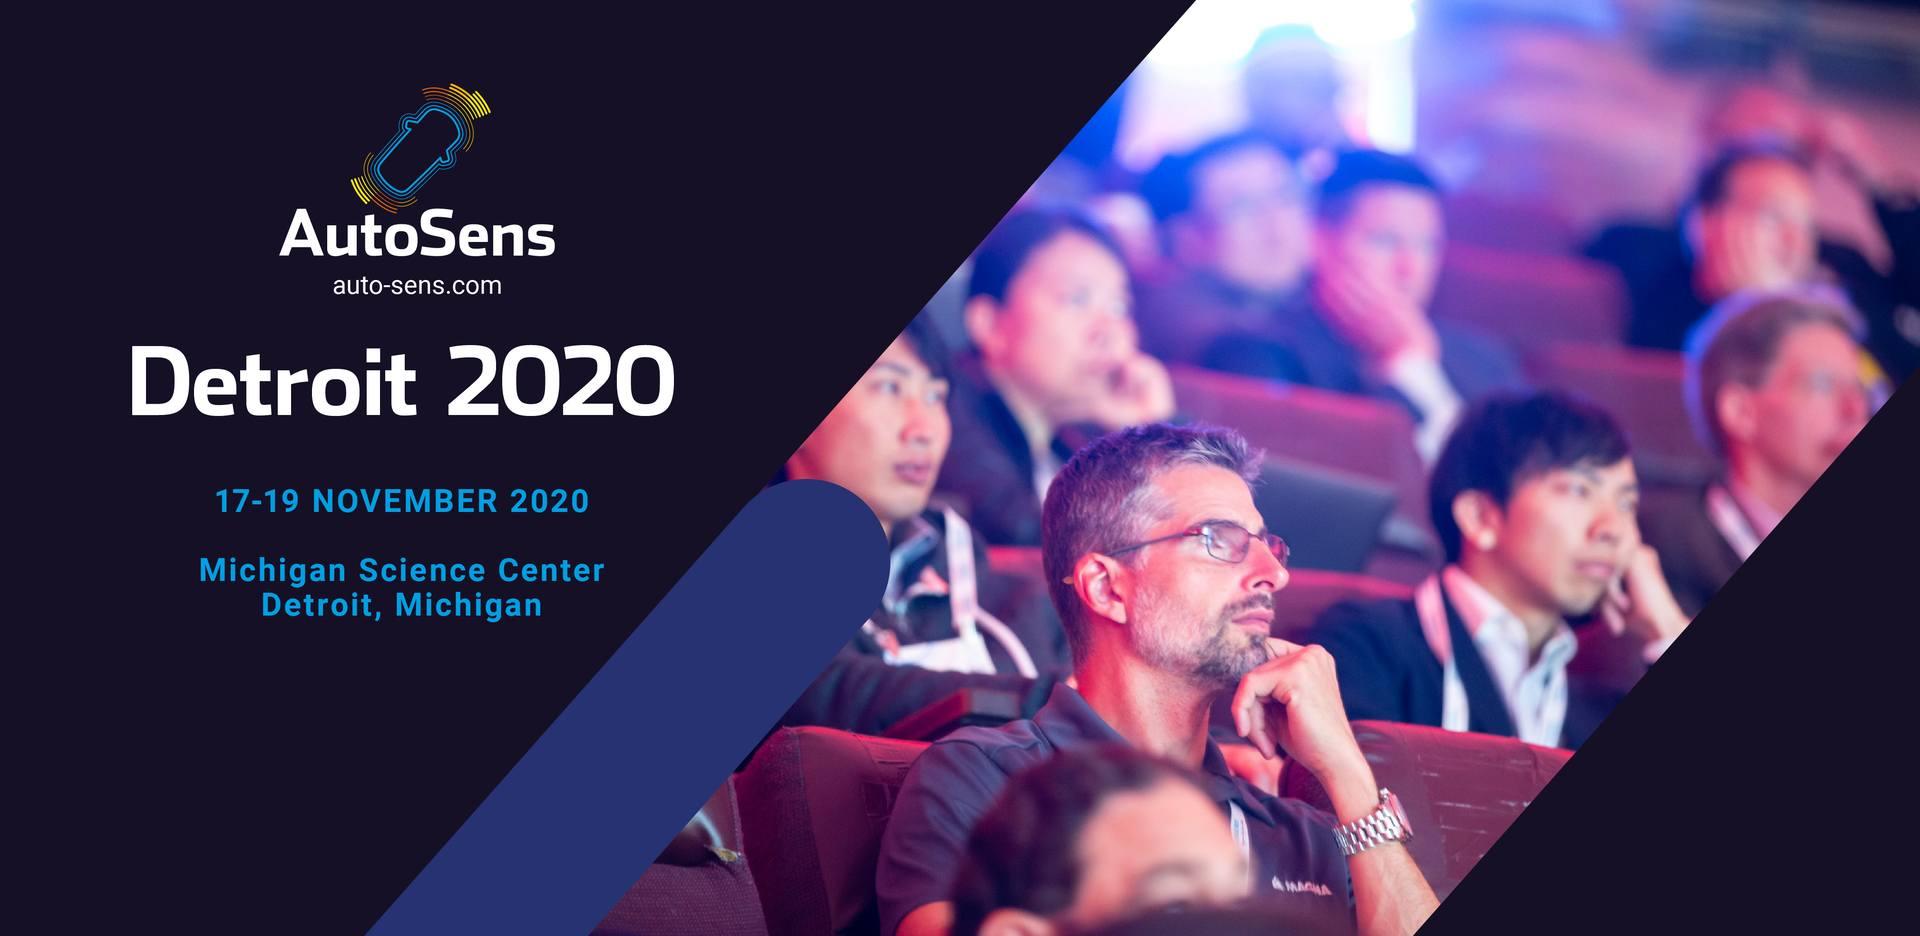 AutoSens Detroit 2020